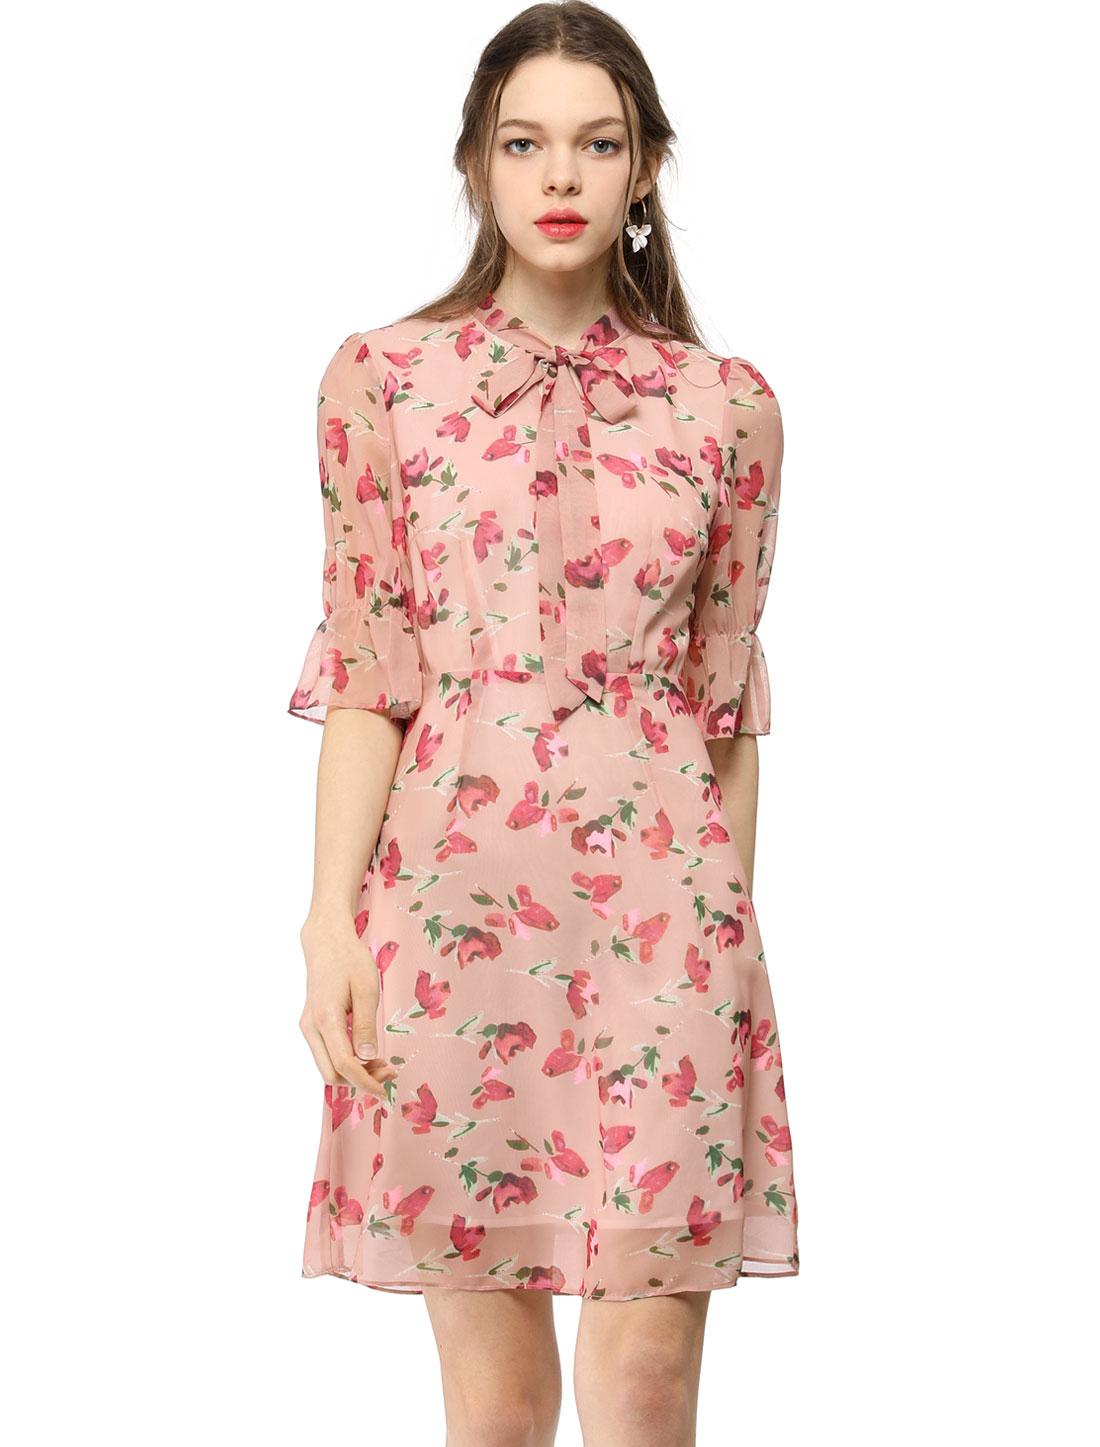 Allegra K Women's Floral A-line Lightweight Chiffon Dress Pink S (US 6)